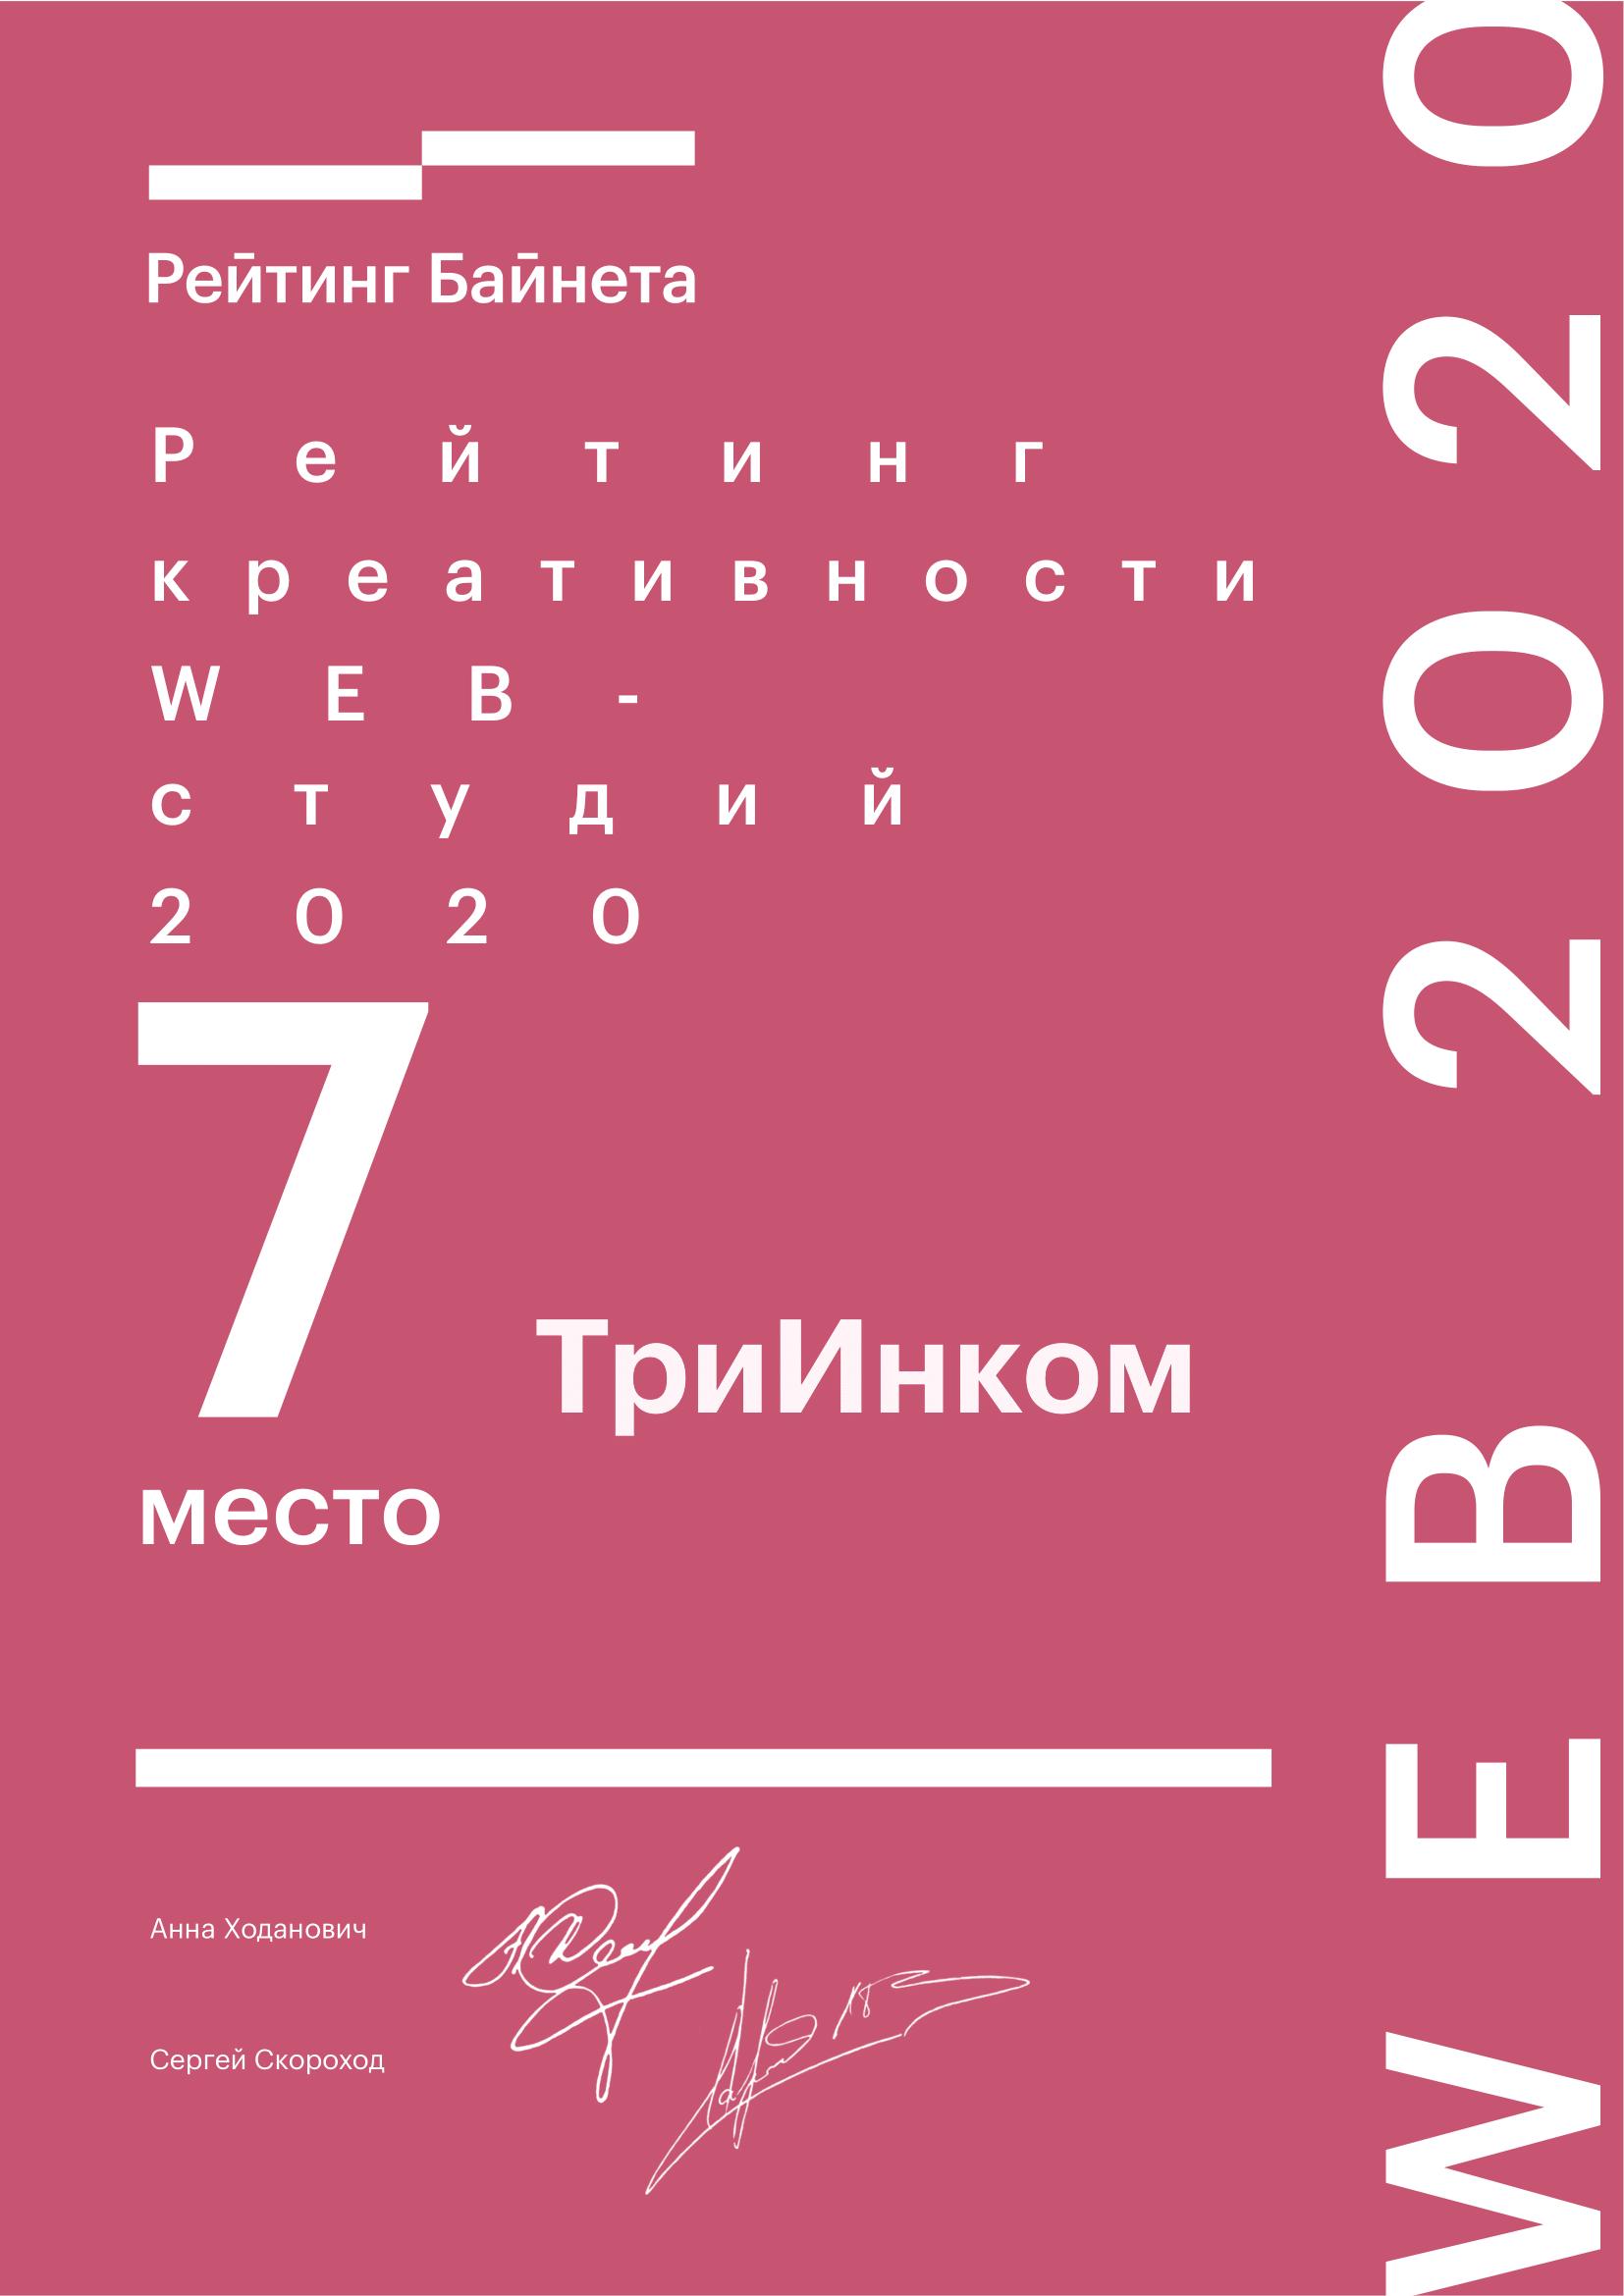 7-ое место в Рейтинге креативности среди белорусских web-проектов